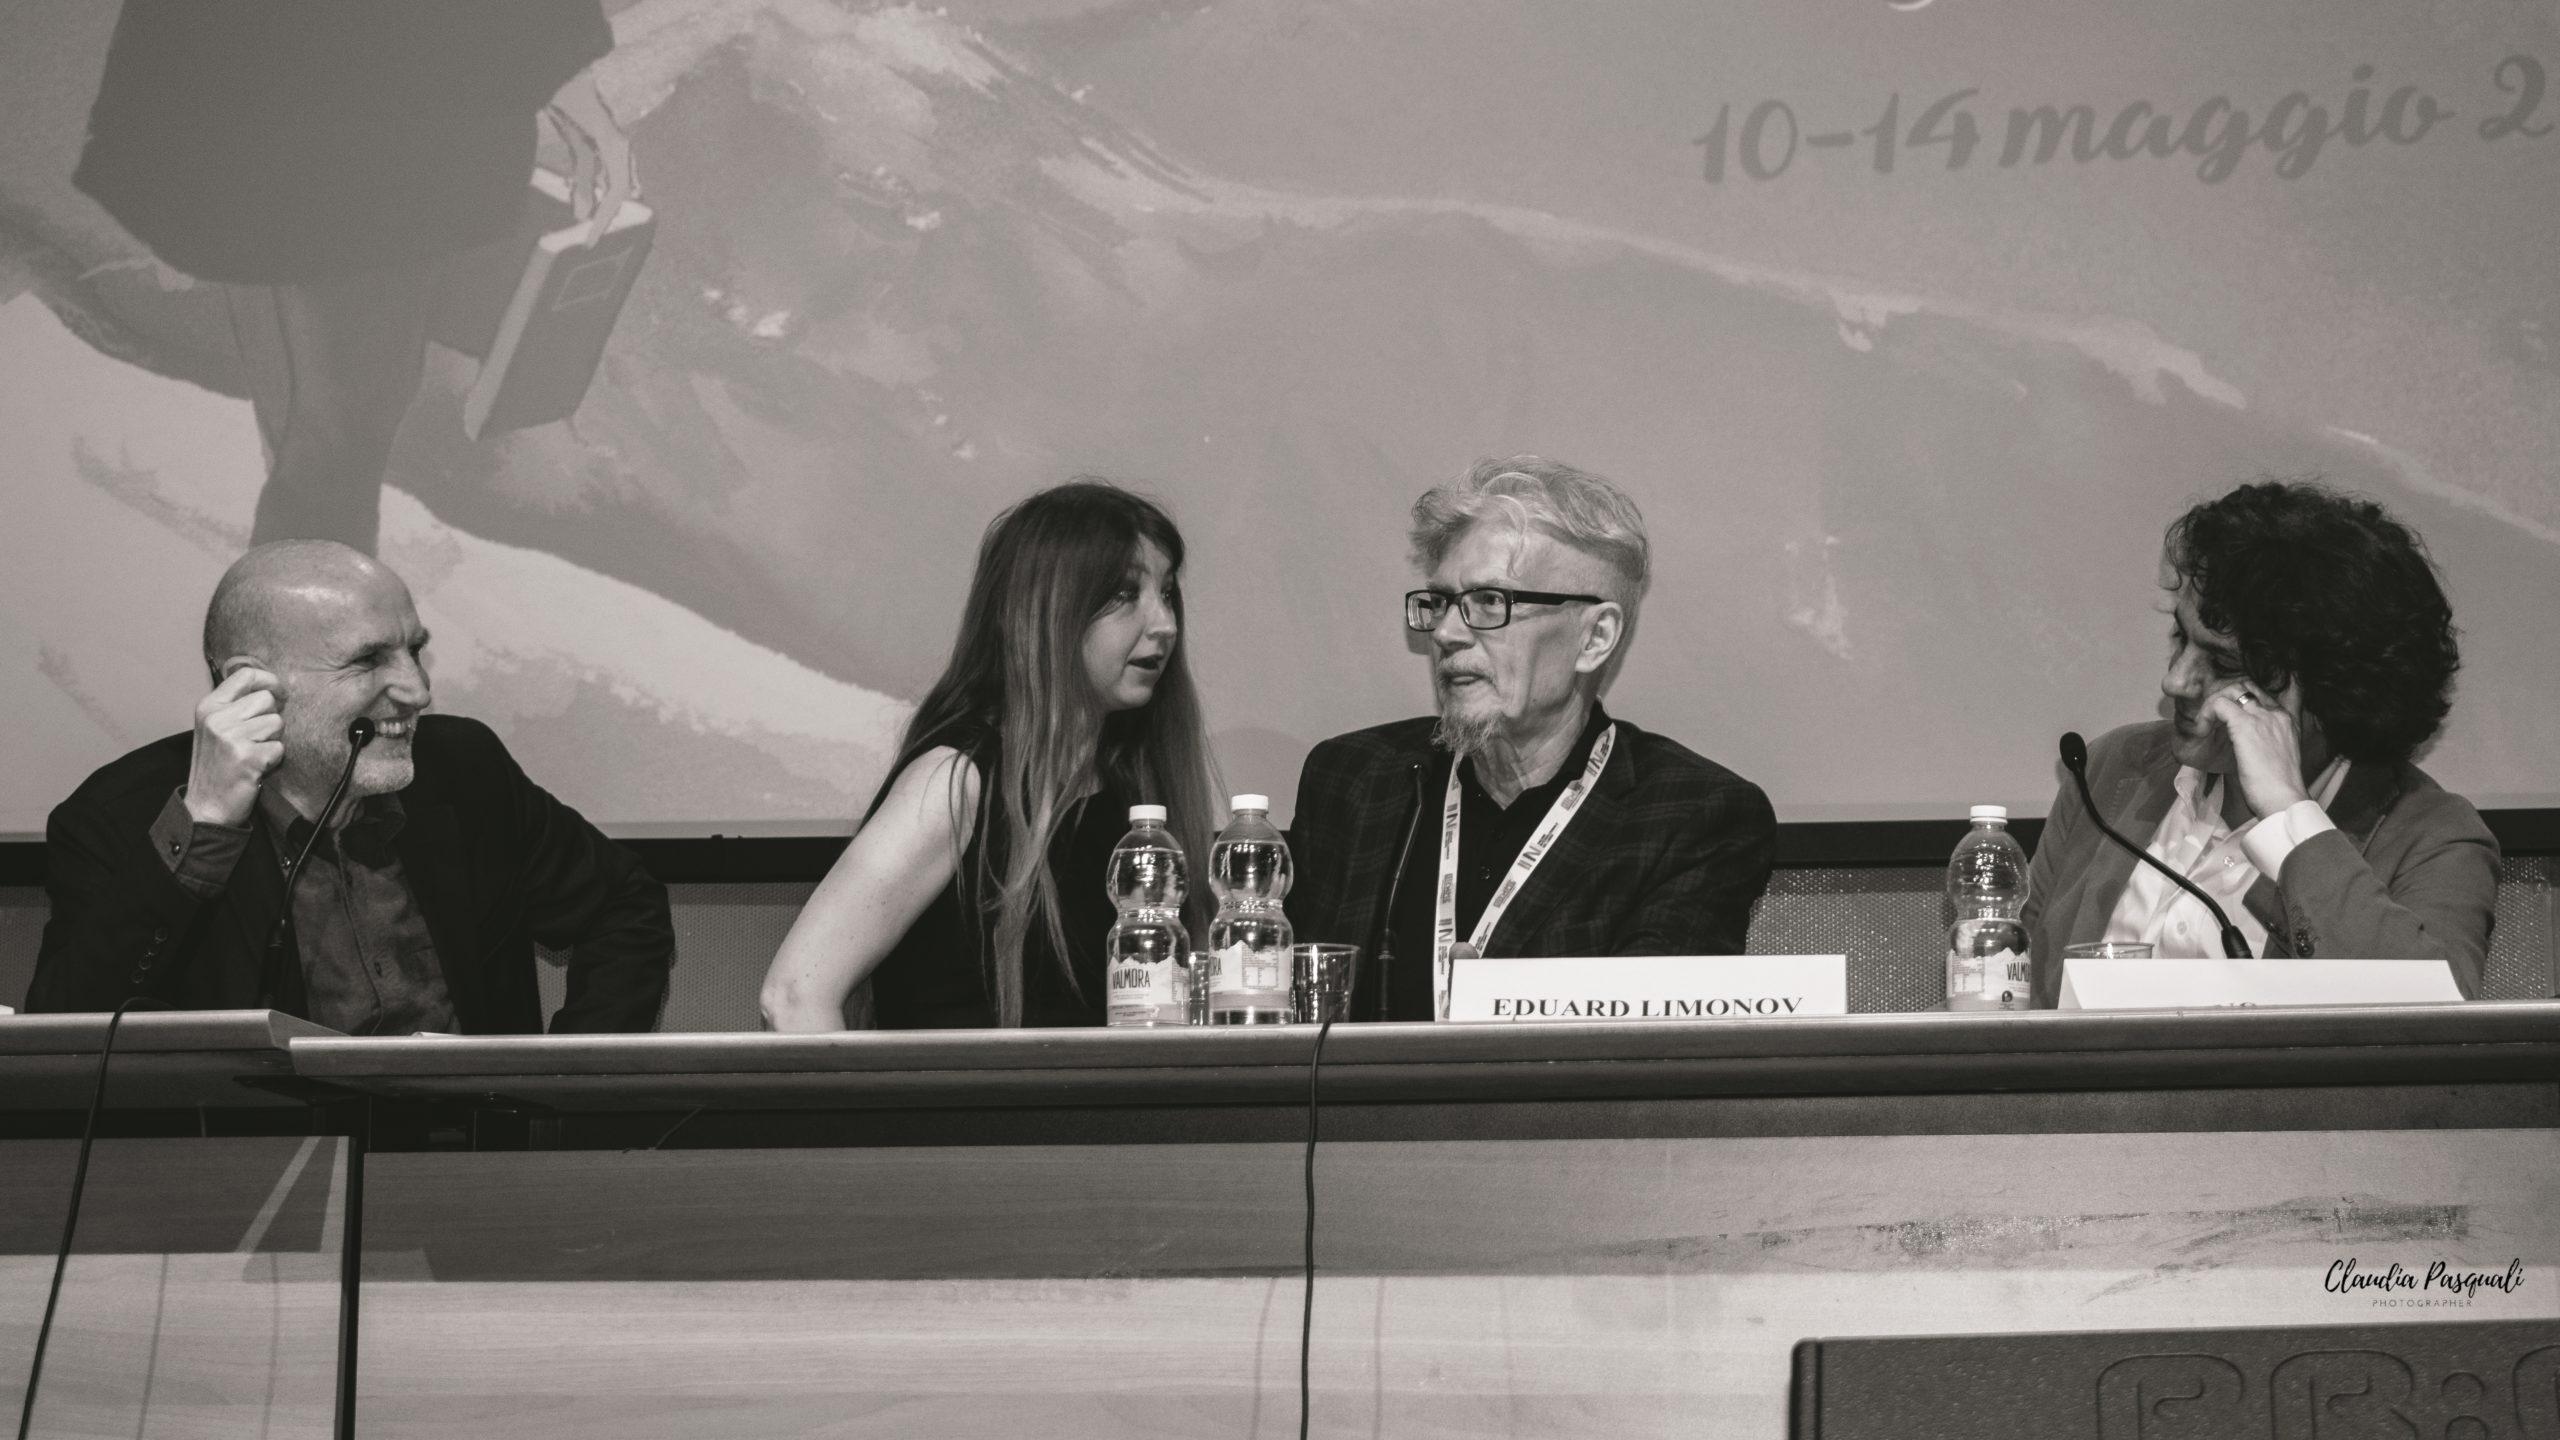 """Presentazione del libro """"Zona industriale"""" di Eduard Limonov presso il Salone del libro di Torino. Da sinistra:Marino Sinibaldi; Olga Matsyna; Eduard Limonov e l'editore Sandro Teti."""